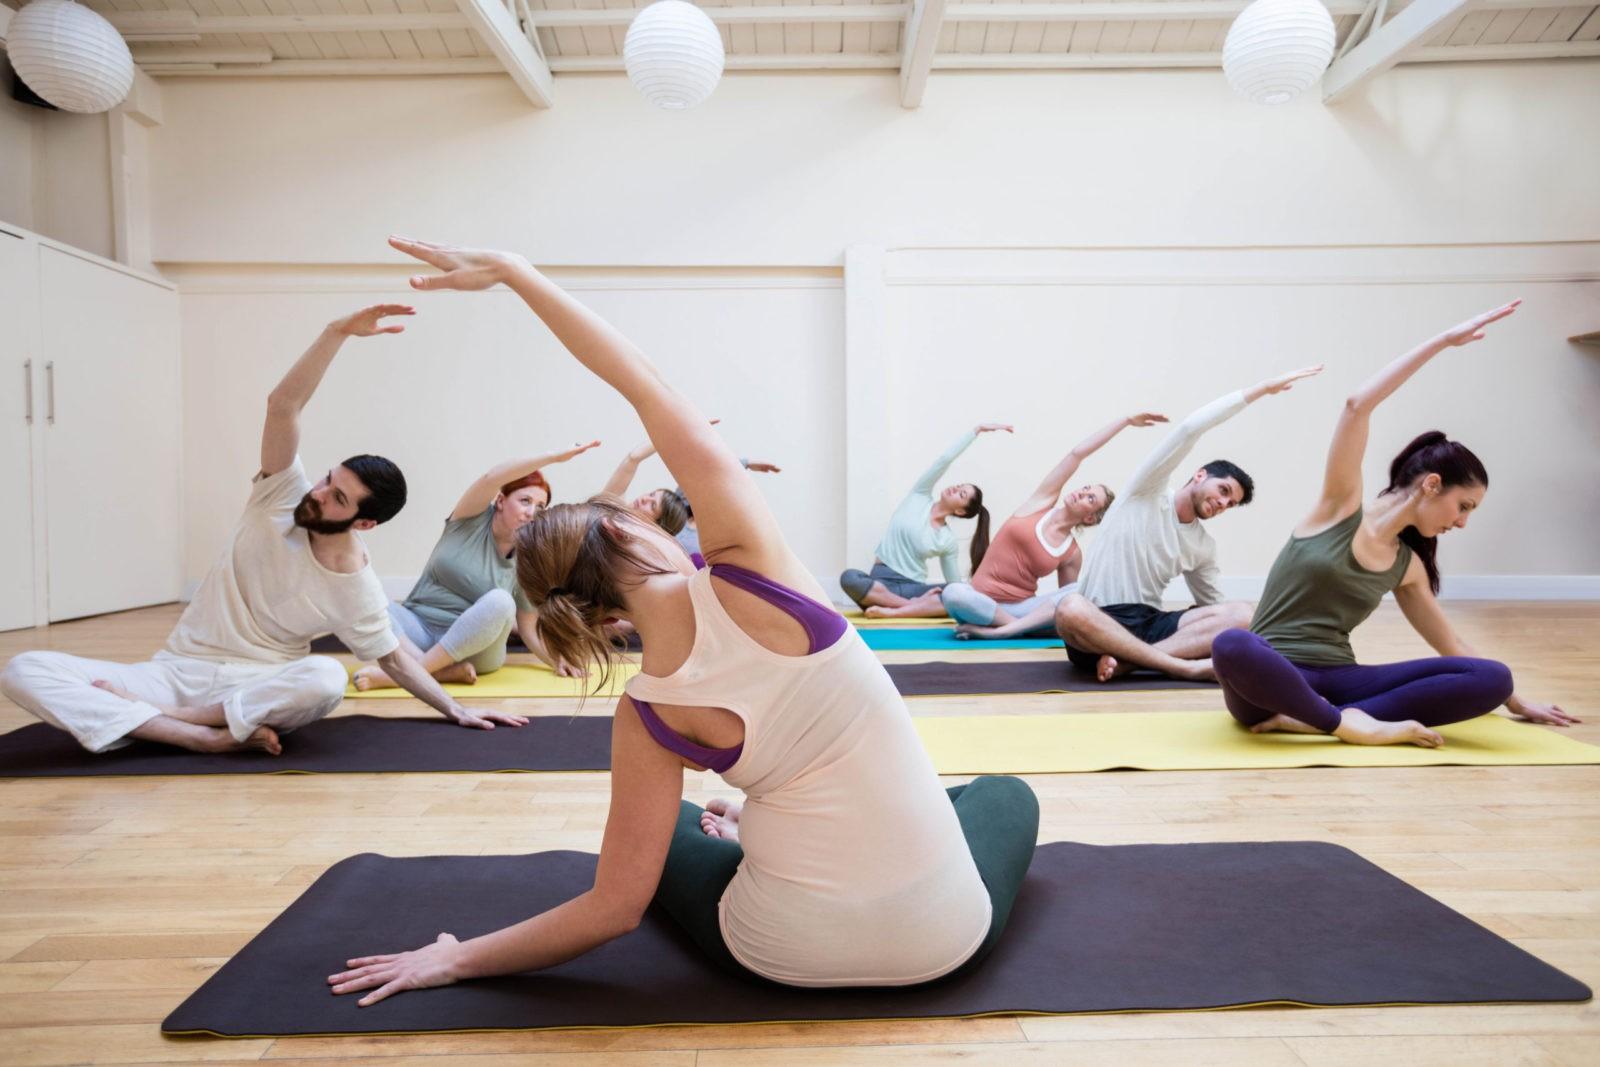 開設瑜珈教室必讀的7大要點